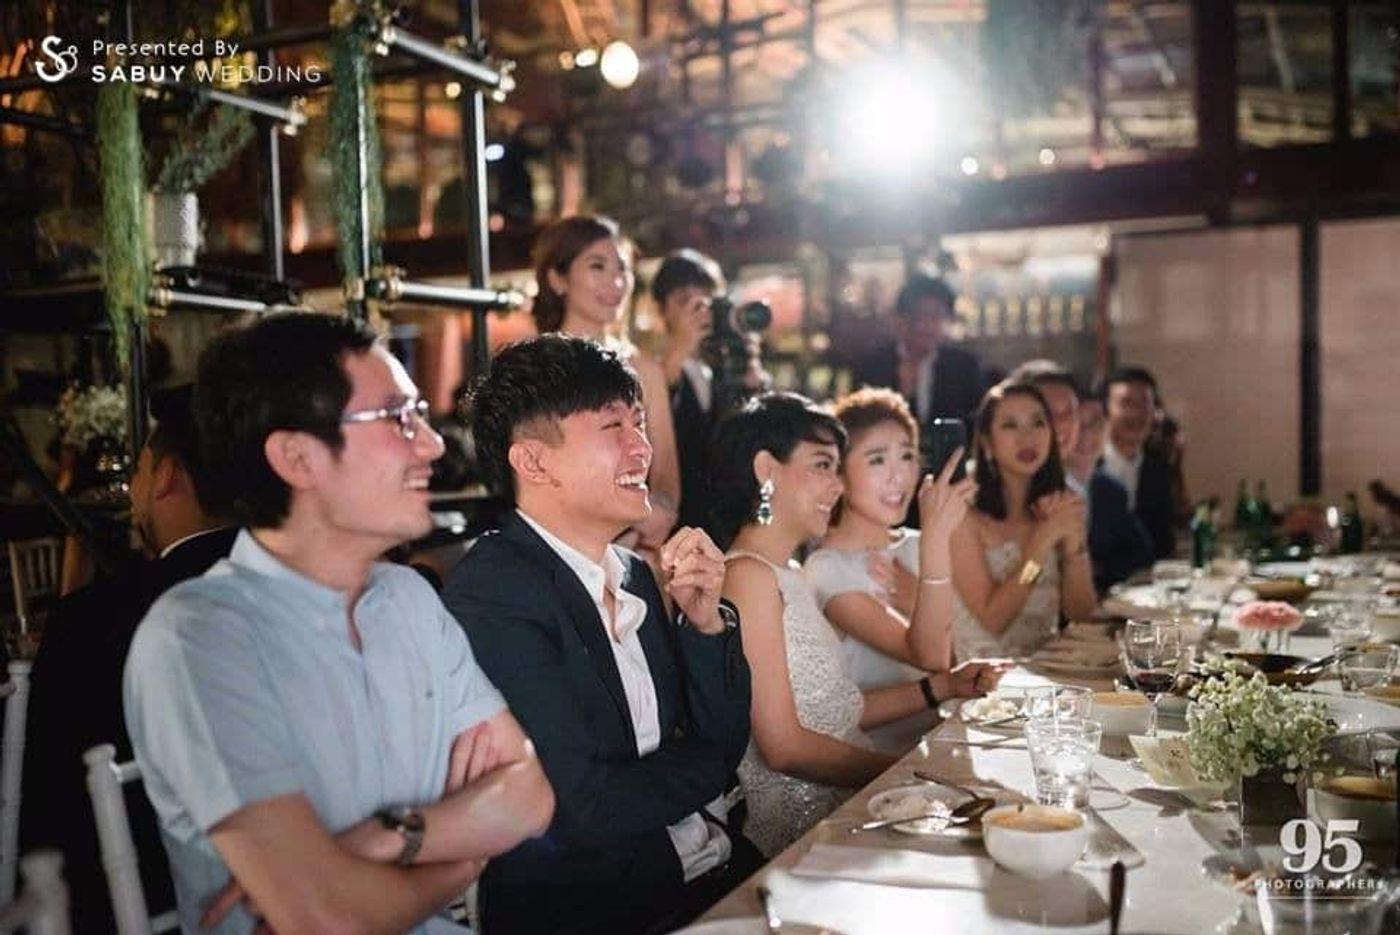 เพื่อนเจ้าสาว,long-table รีวิวงานแต่ง กิมมิคสนุกทุก Sequence ปังจนเพื่อนยังต้องยกนิ้ว @Vivarium by Chef Ministry